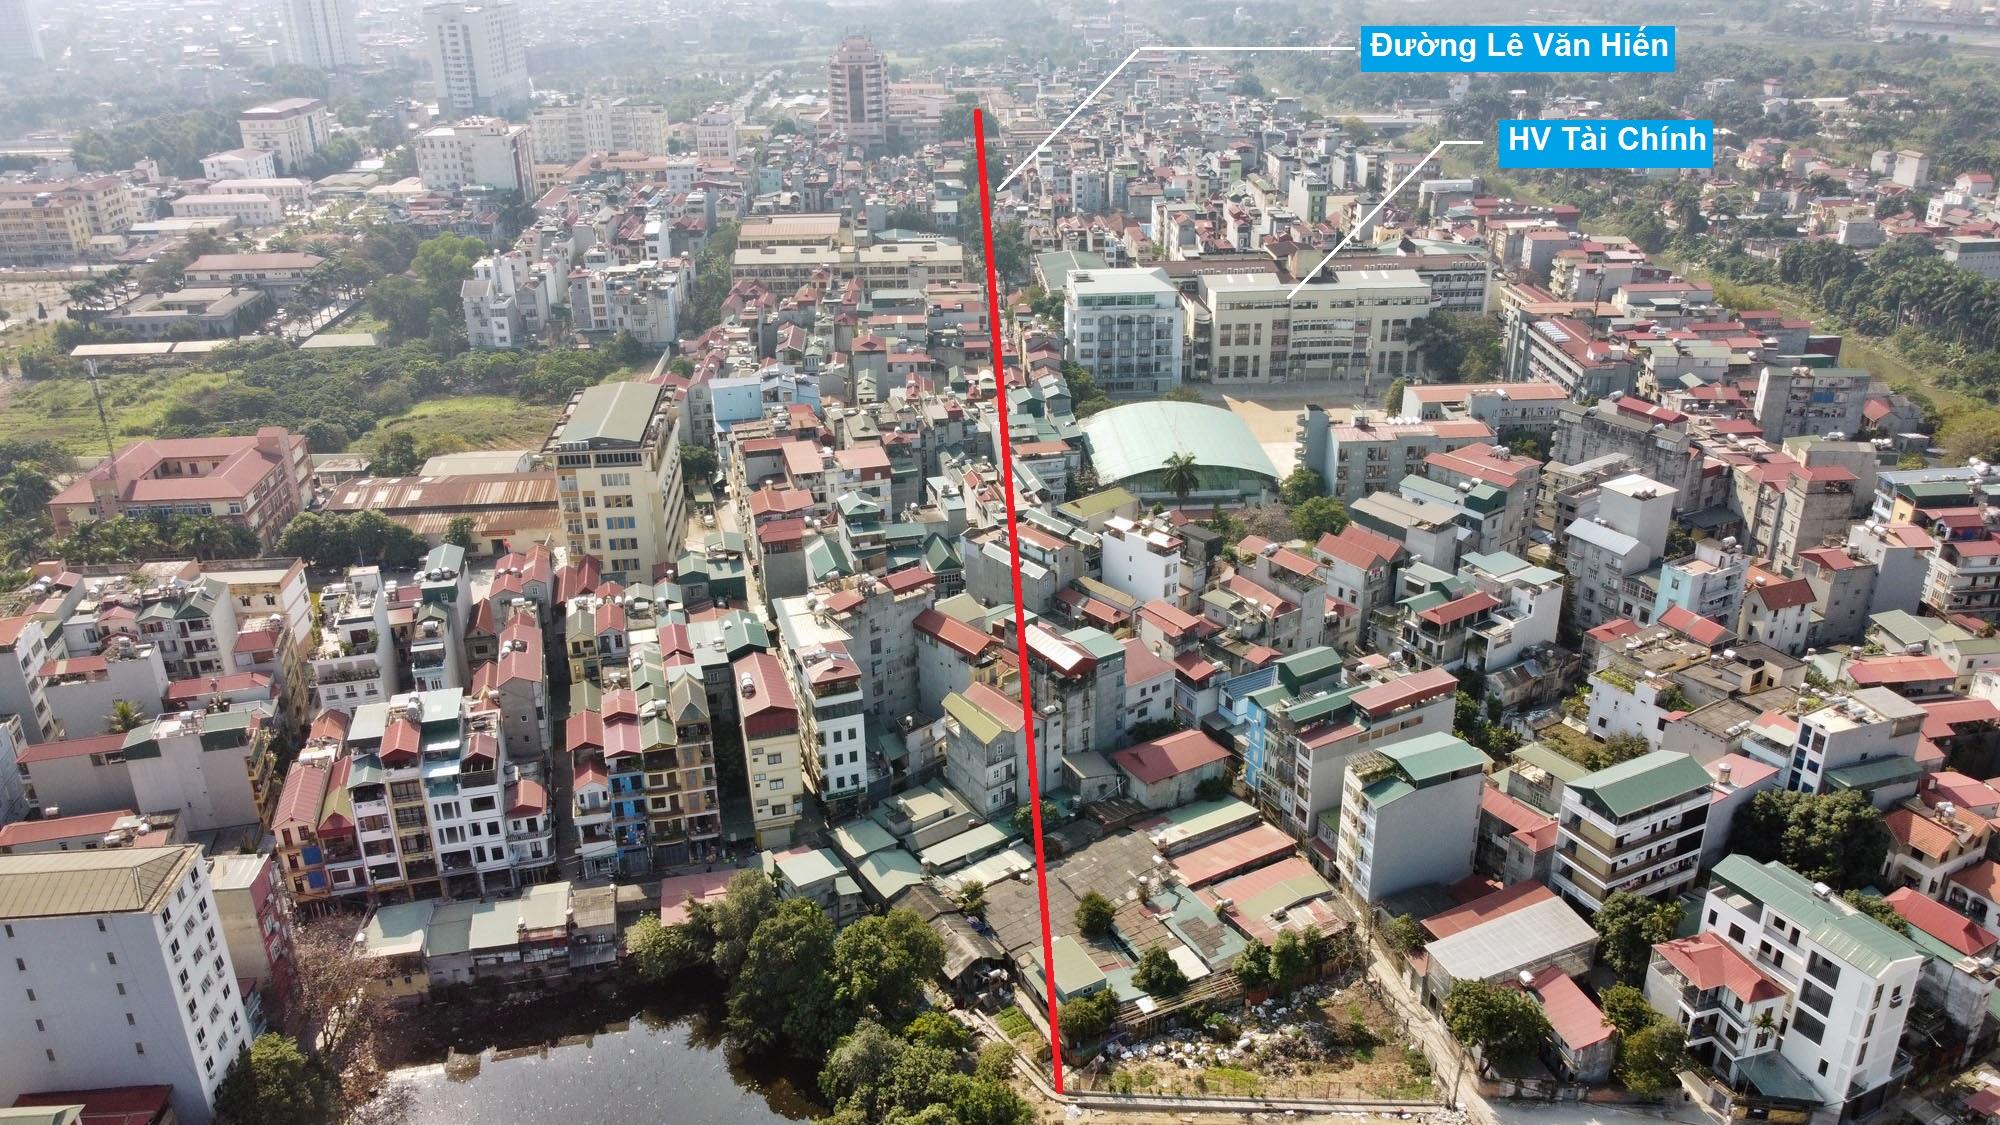 Ba đường sẽ mở theo qui hoạch ở phường Đức Thắng, Bắc Từ Liêm, Hà Nội (phần 2) - Ảnh 9.